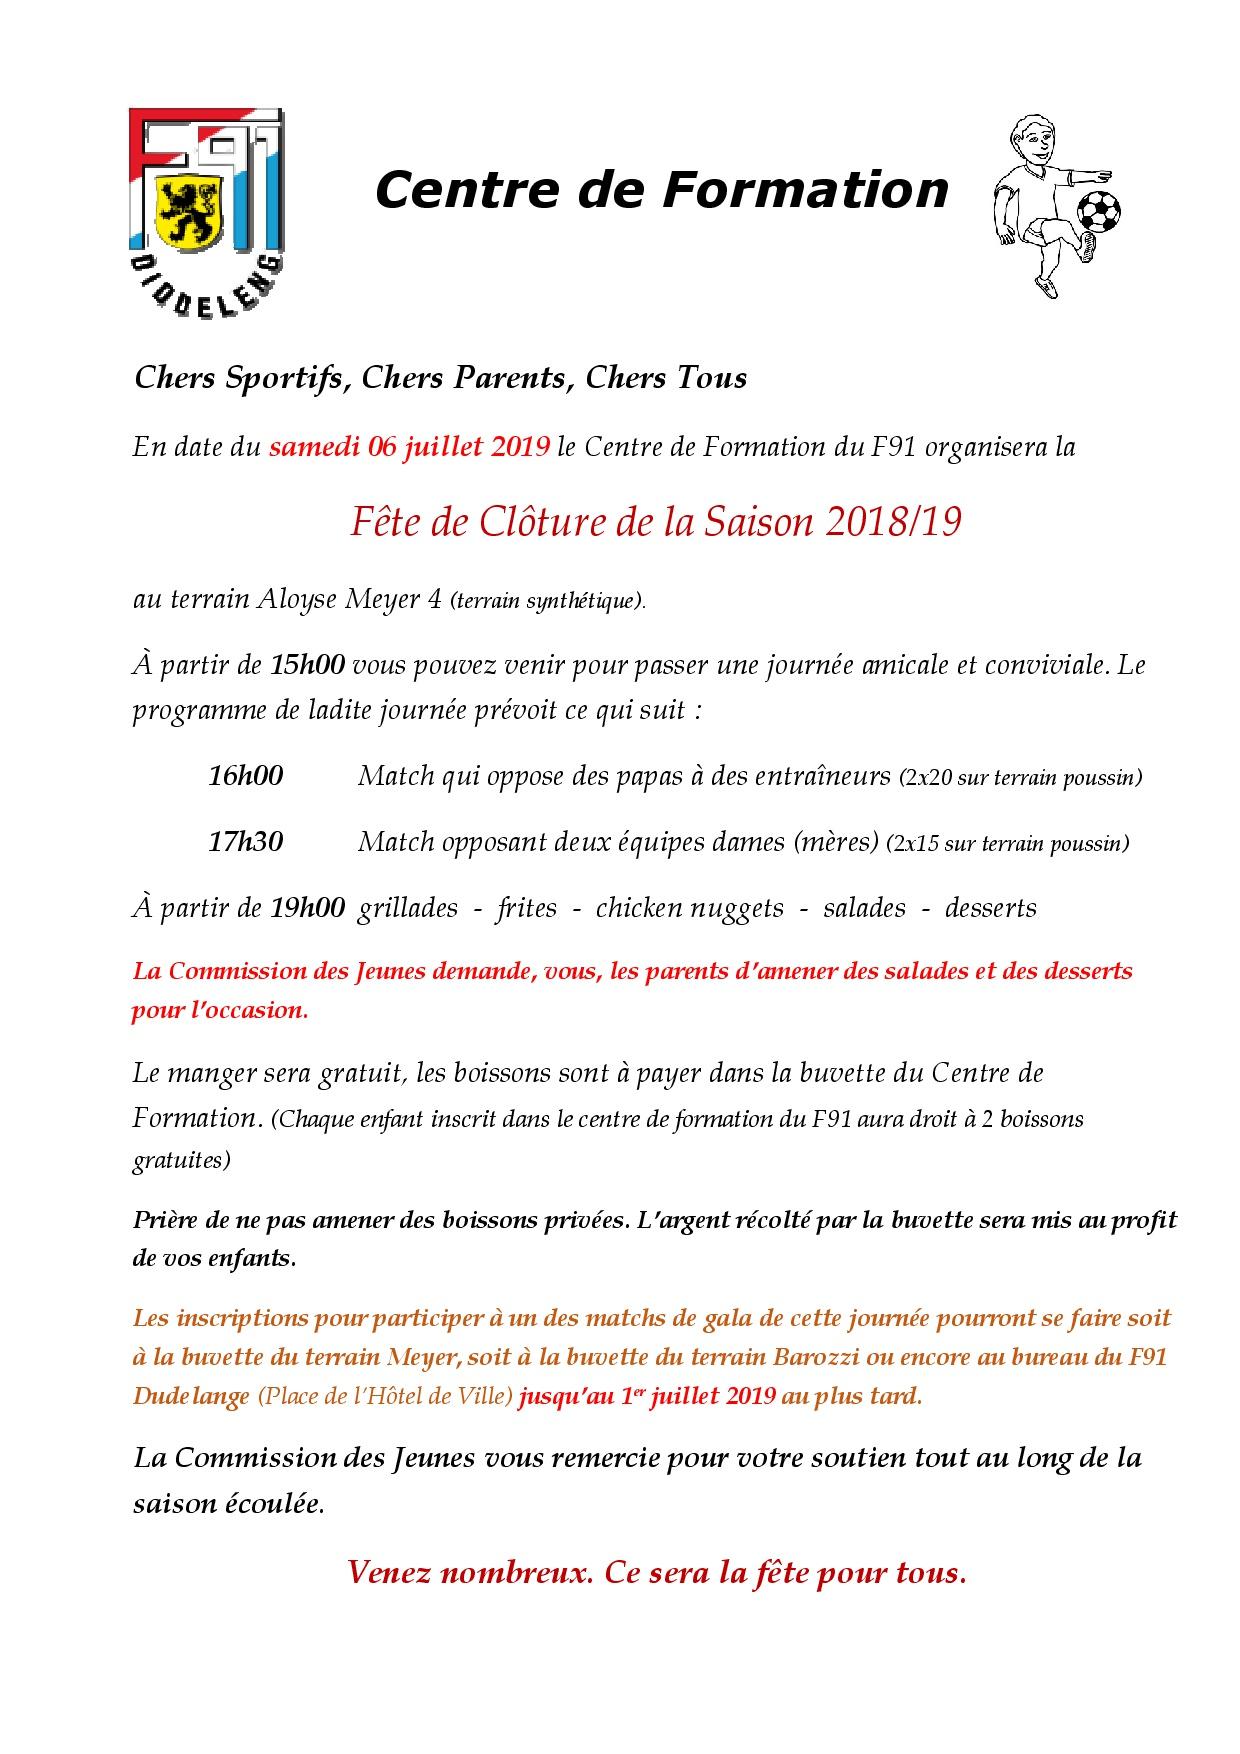 Centre de Formation - Fête de fin Saison 2018/2019